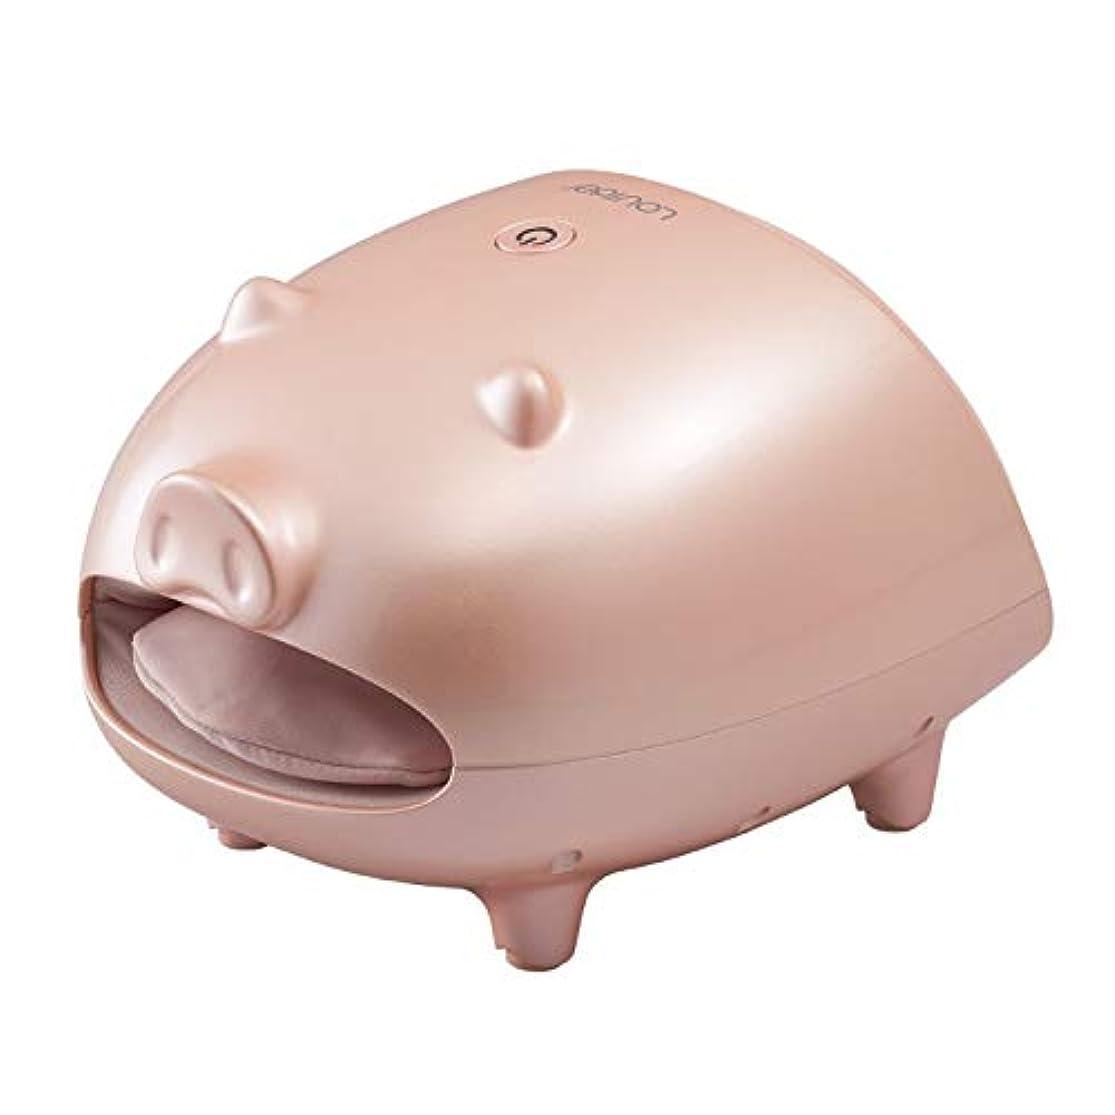 家主雰囲気債権者アテック ルルド フットケア コードレス リラブー ピンク AX-KXL3700pk AX-KXL3700pk